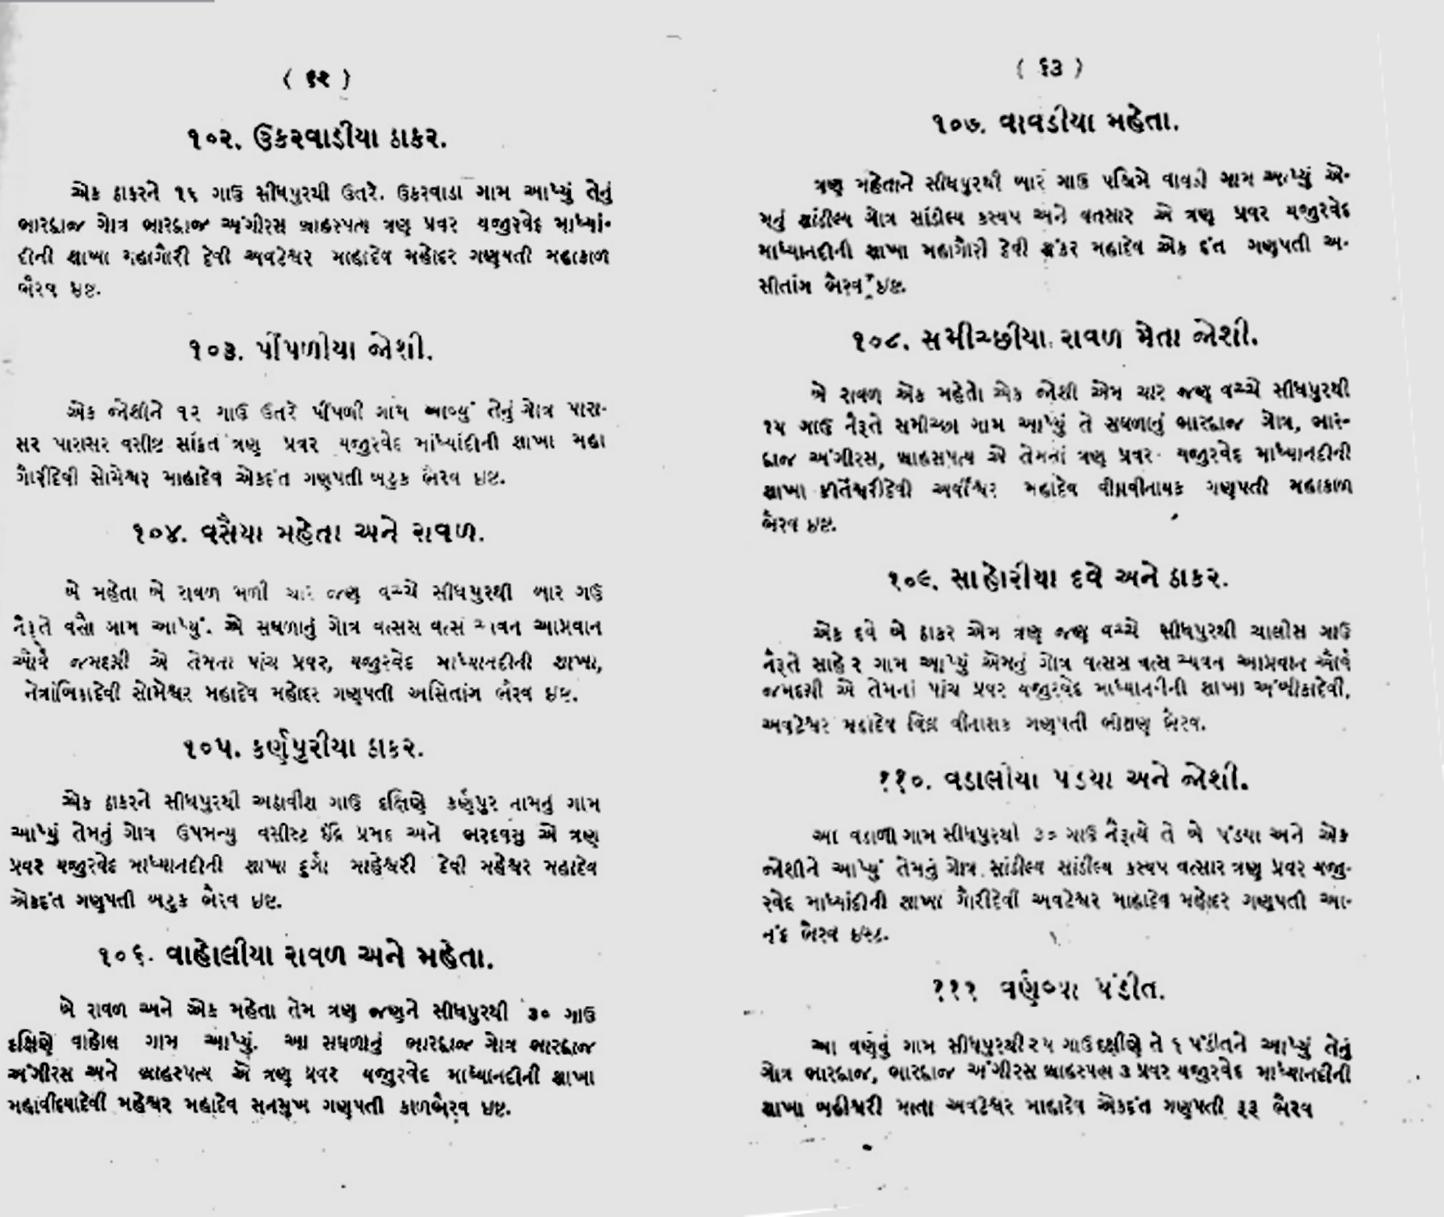 File:62 63       9,Audichya Sashtra Brahmin's Gotra,Parva